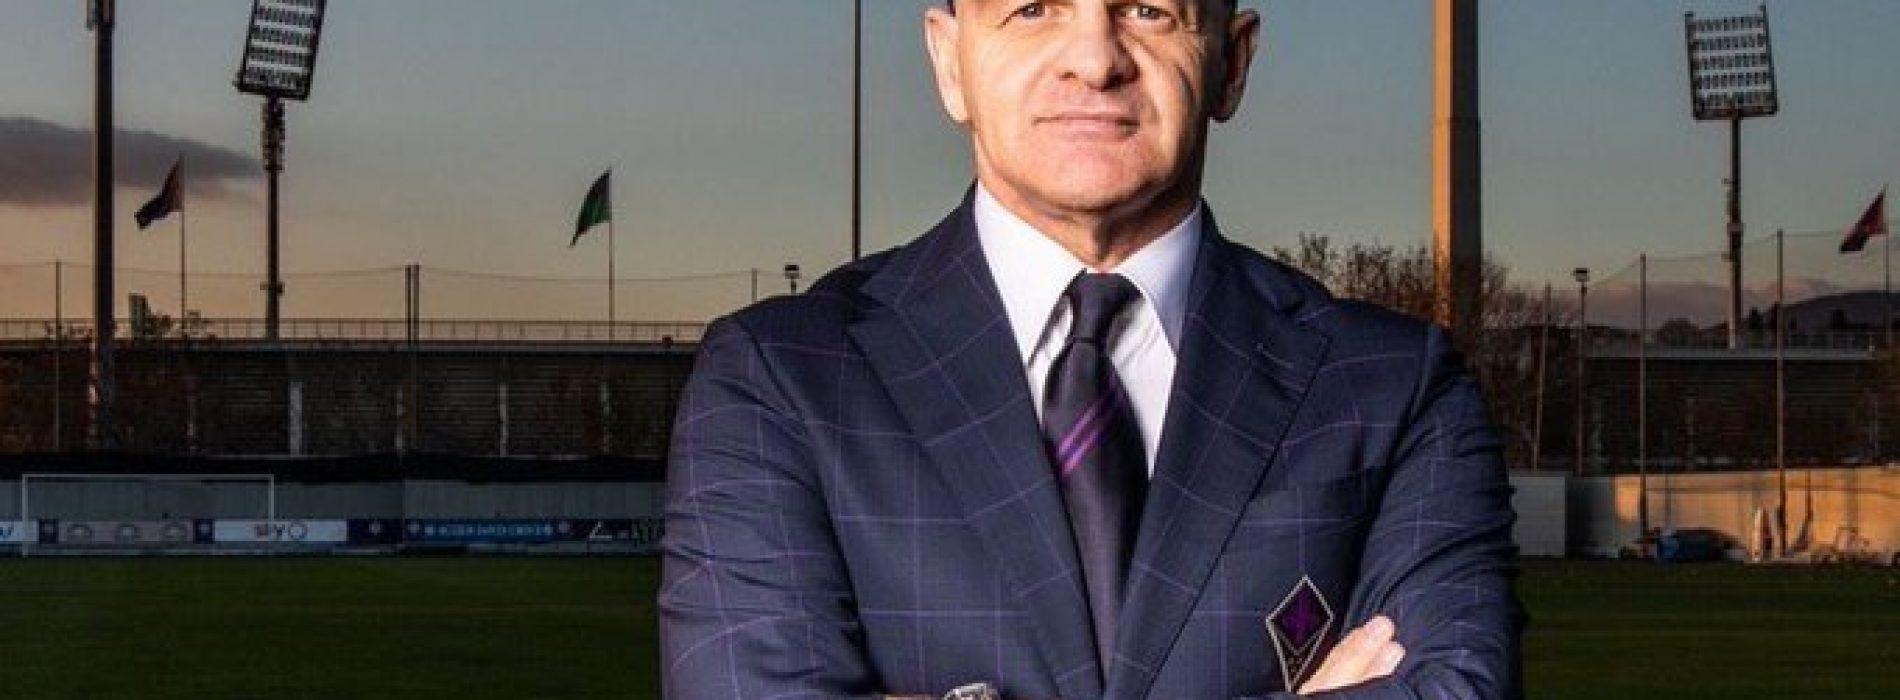 Fiorentina, Iachini confermato per la prossima stagione: ufficiale